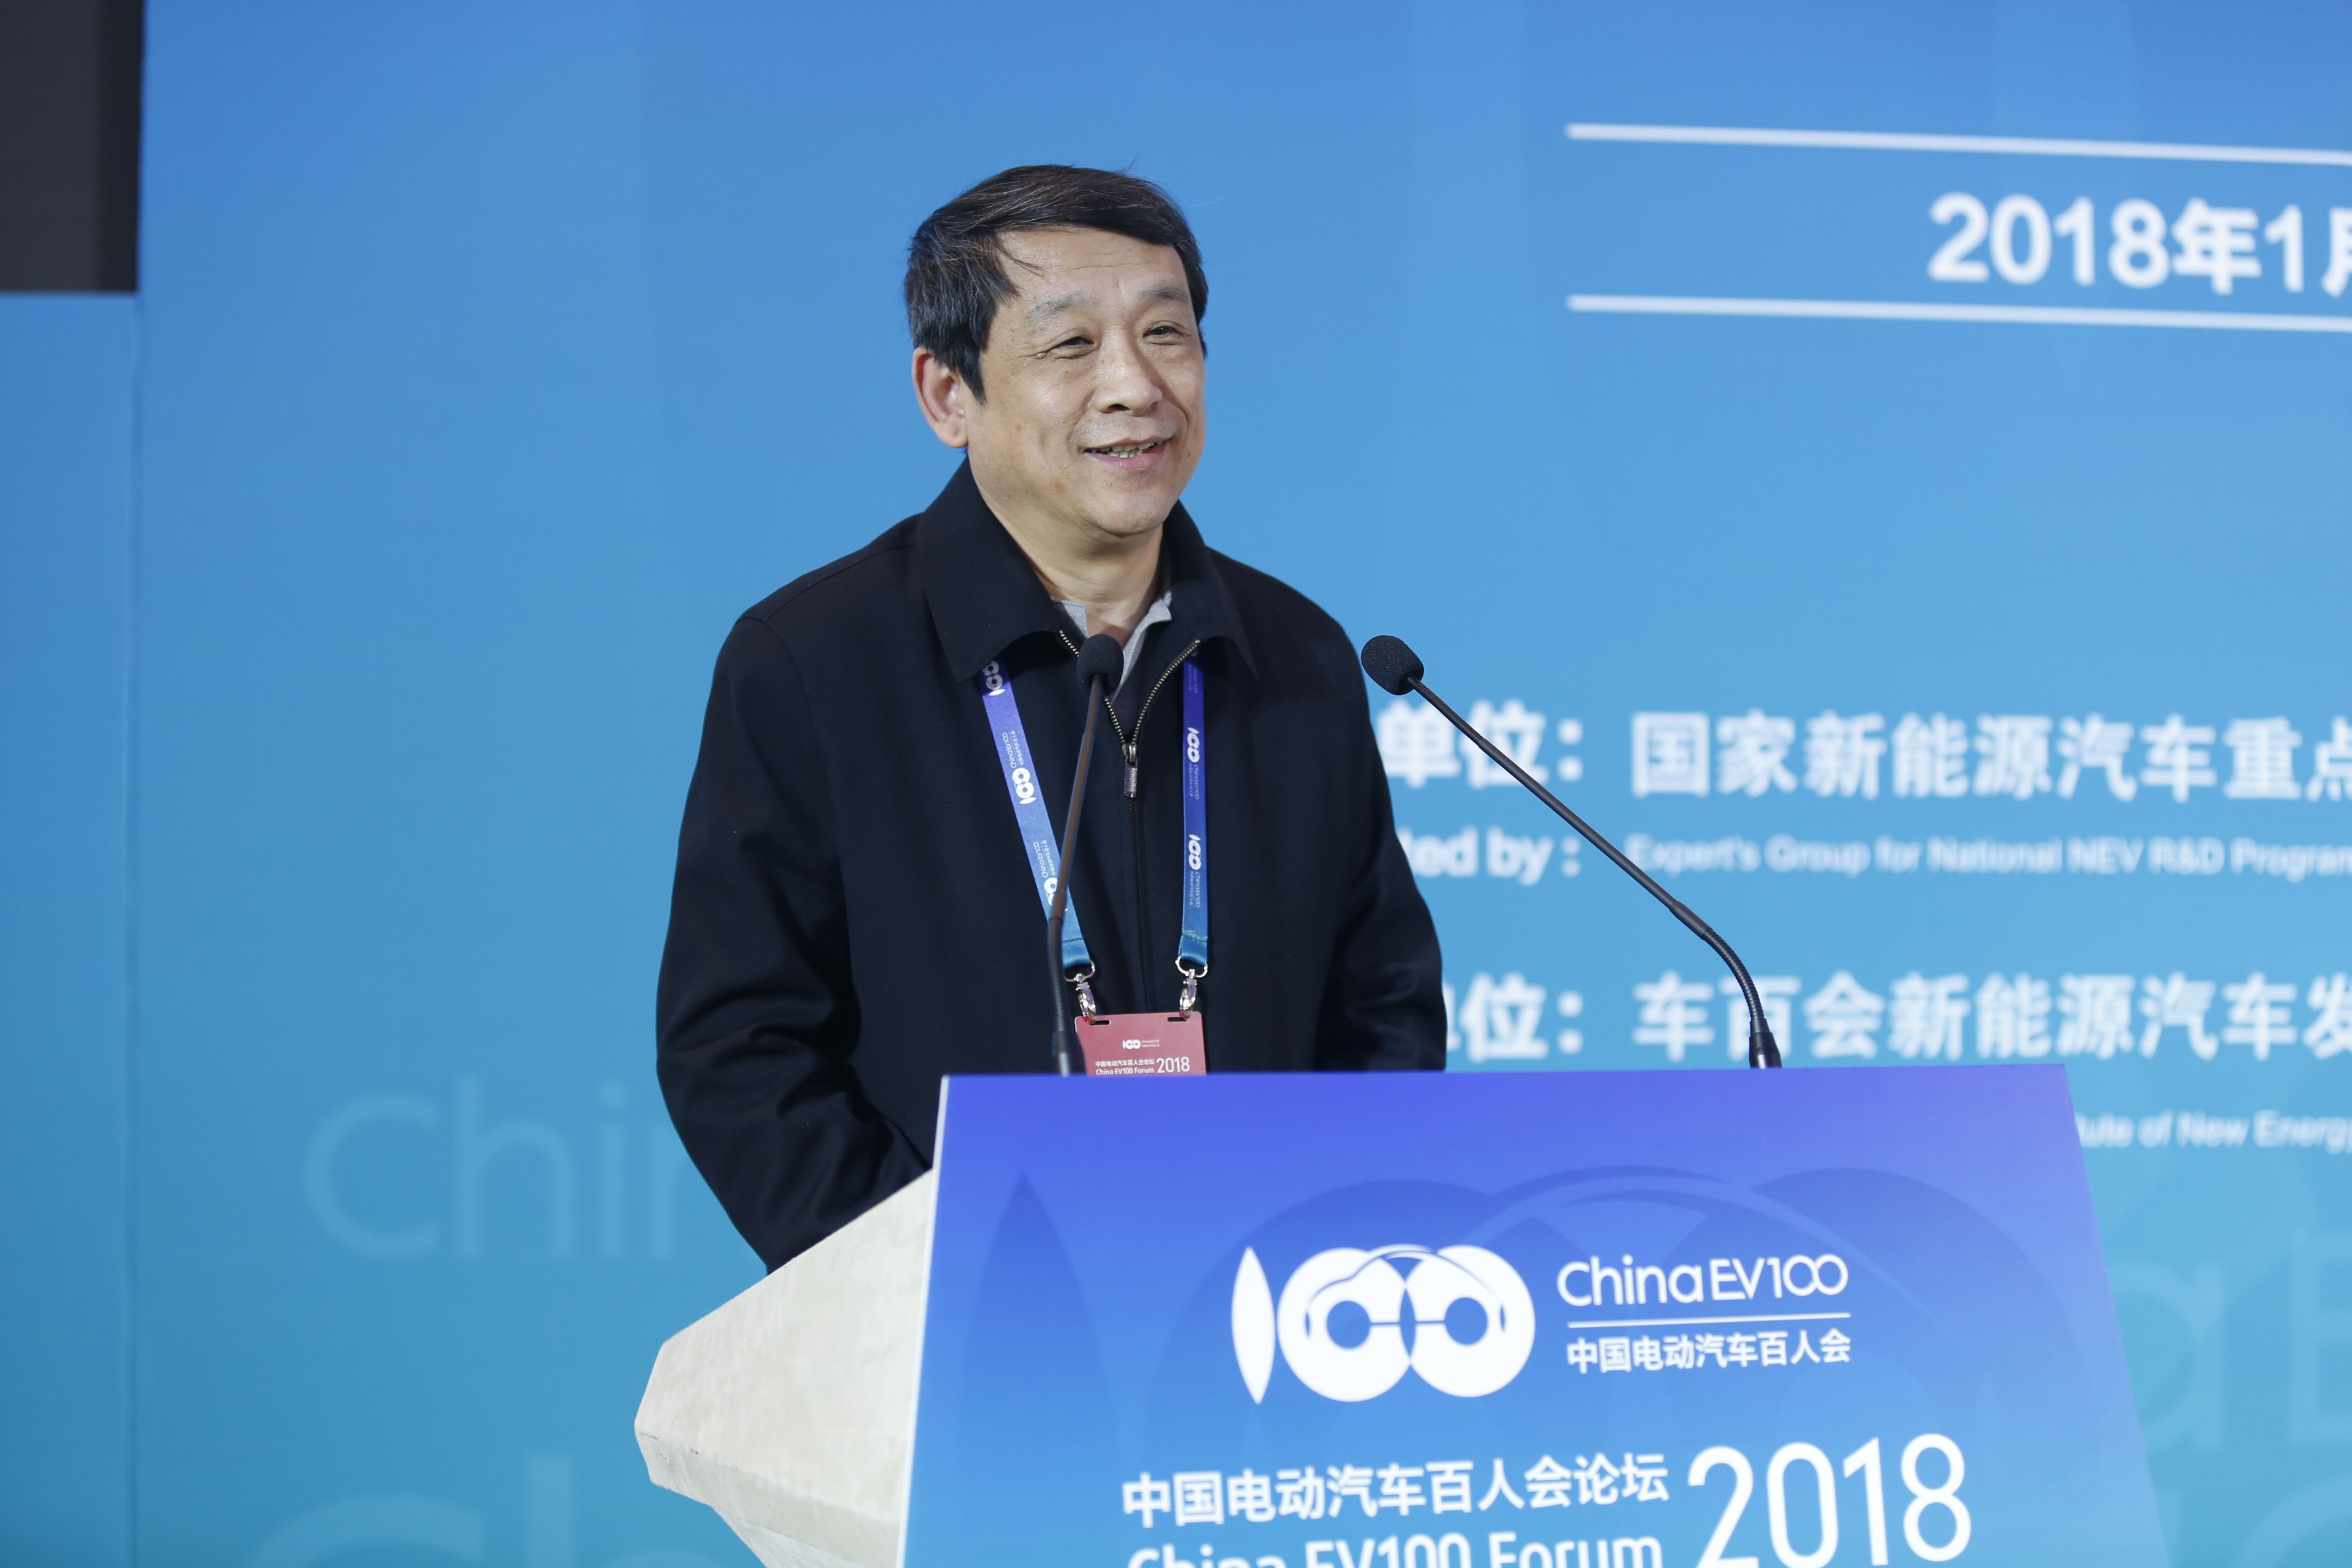 王笑京:实现自动驾驶的种种好处比人们接受它要难得多